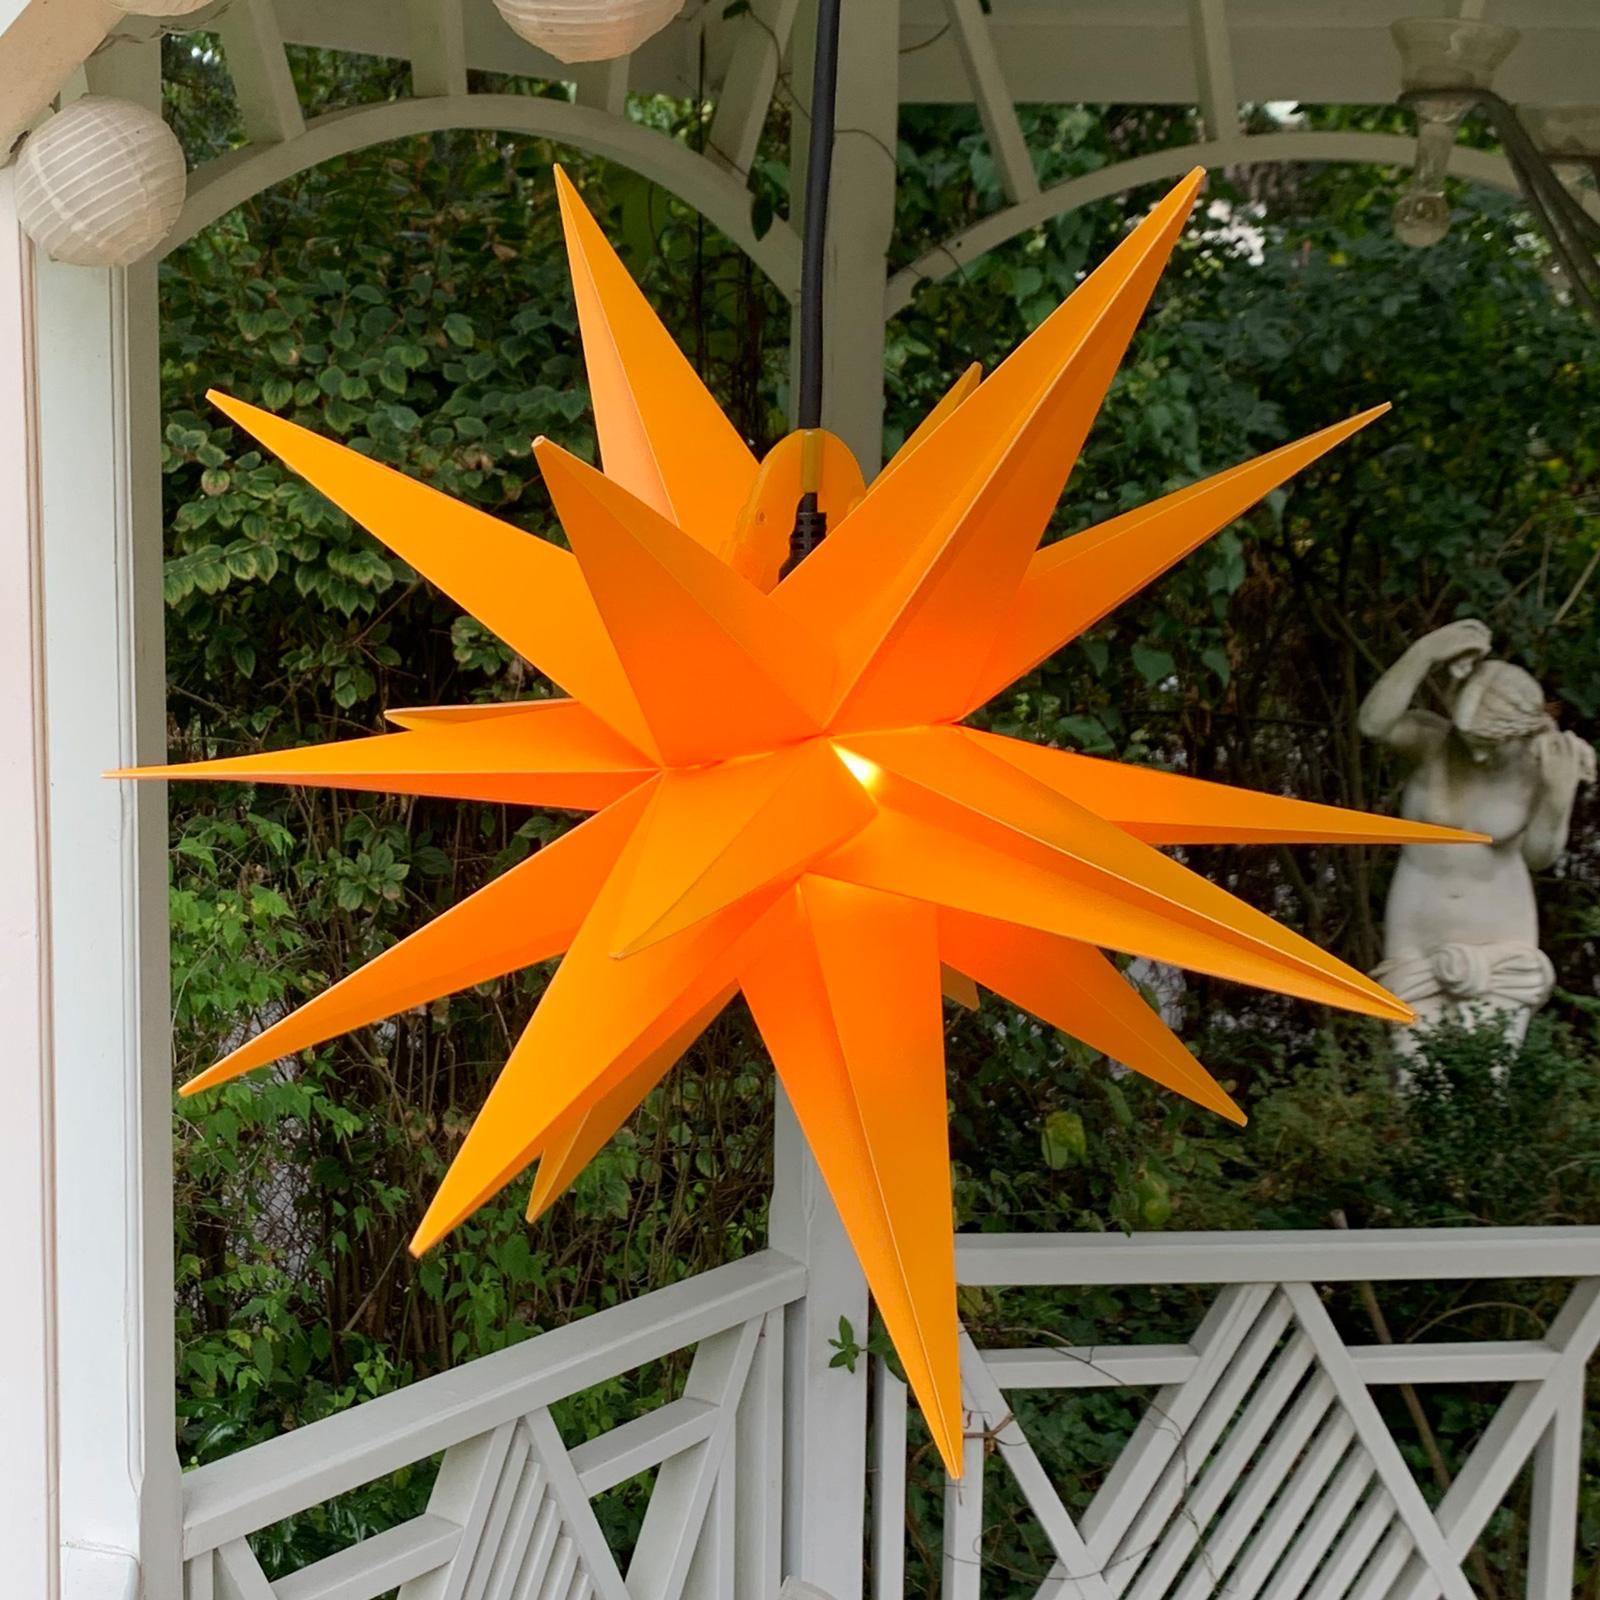 Deko-Stern für außen, 18-Zacker, Ø 40 cm gelb